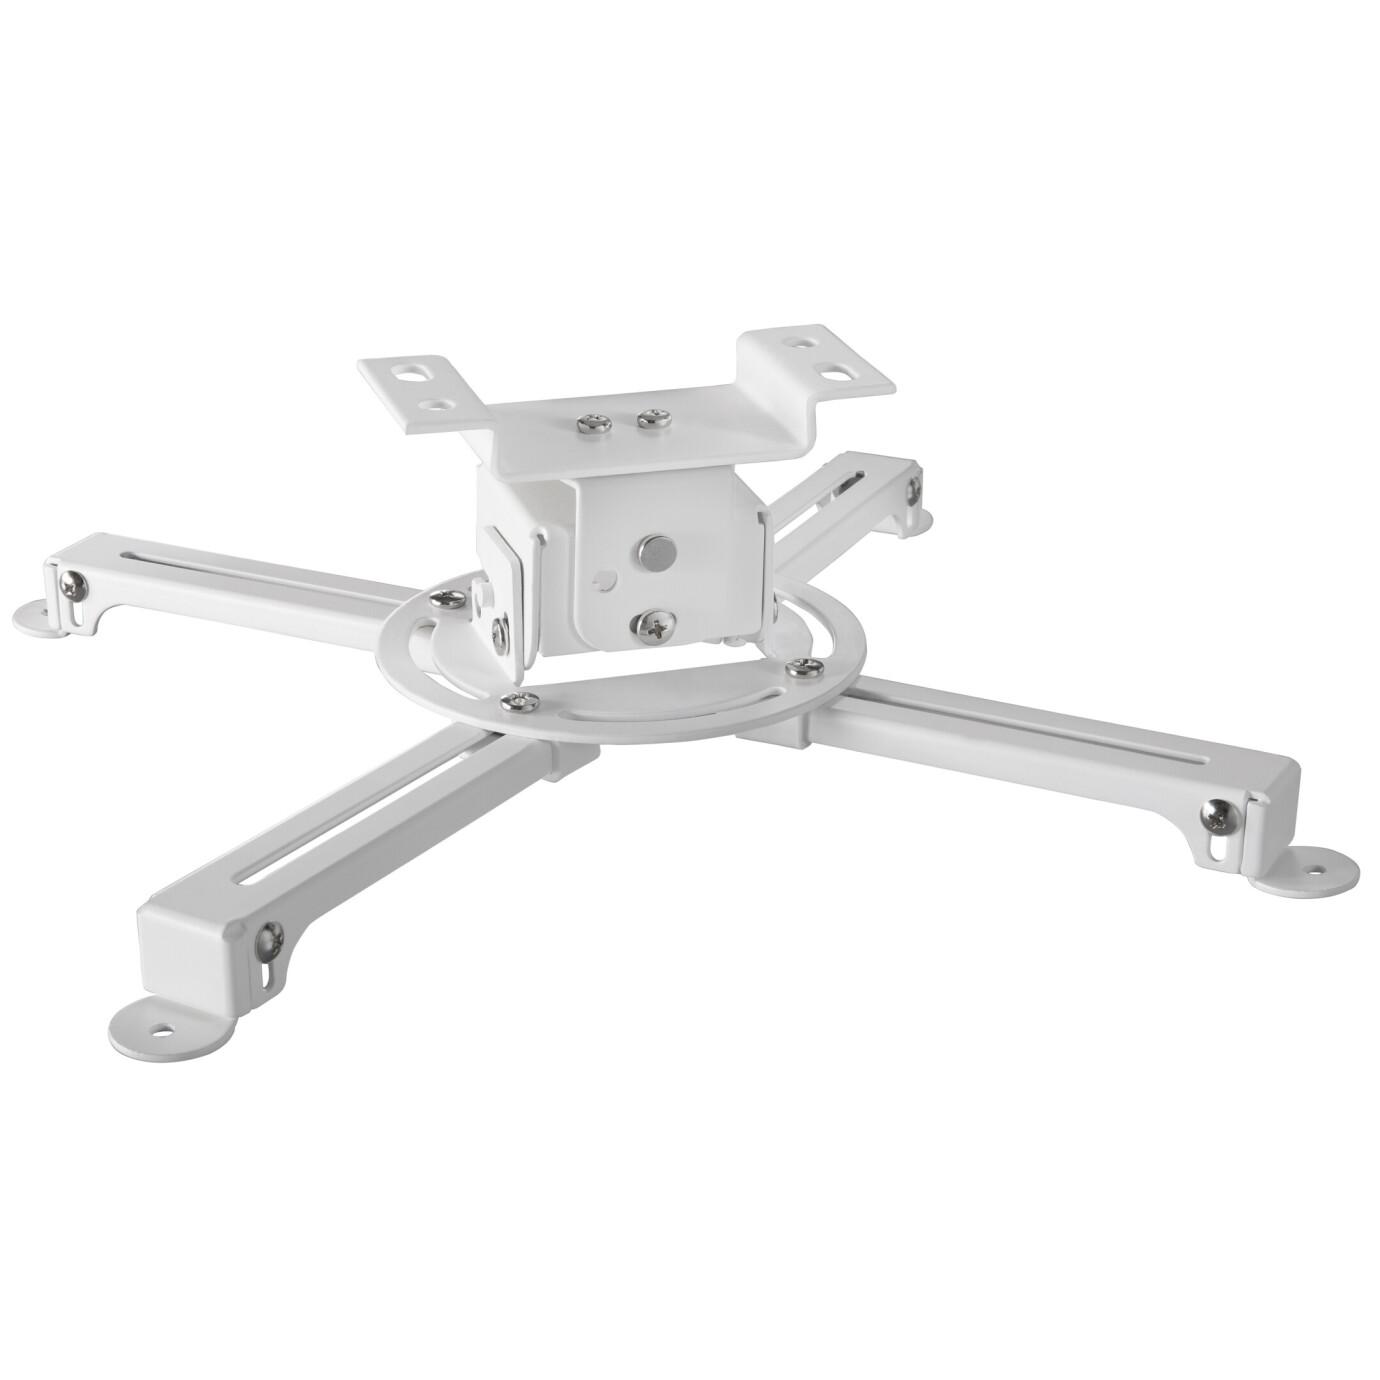 Support universel pour plafond celexon MultiCel 1000 Pro - Blanc